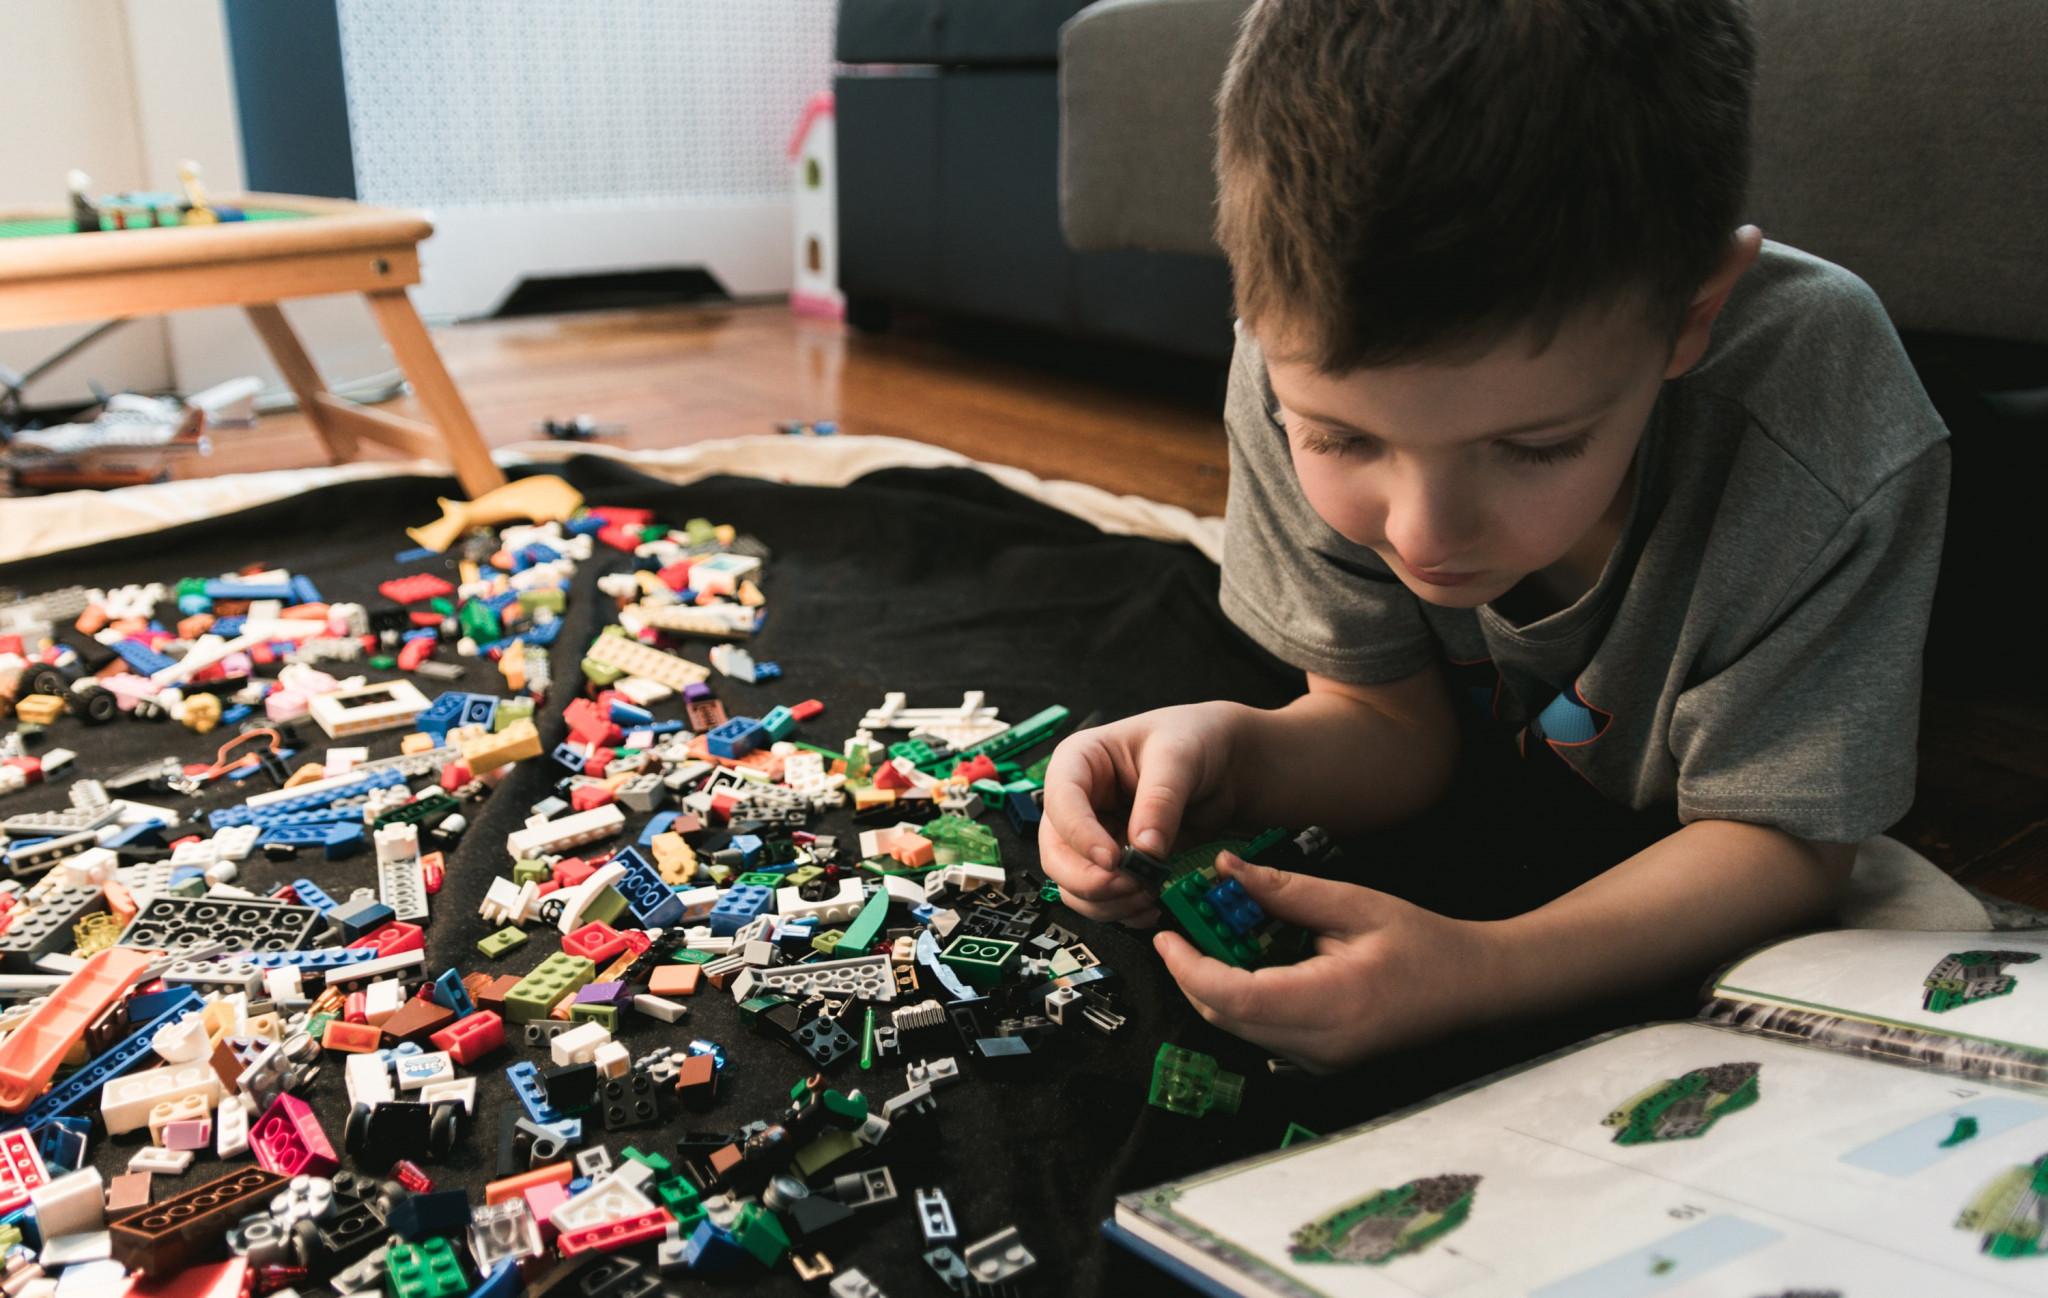 12 jeux et activités qui occuperont votre enfant sans écran - 1